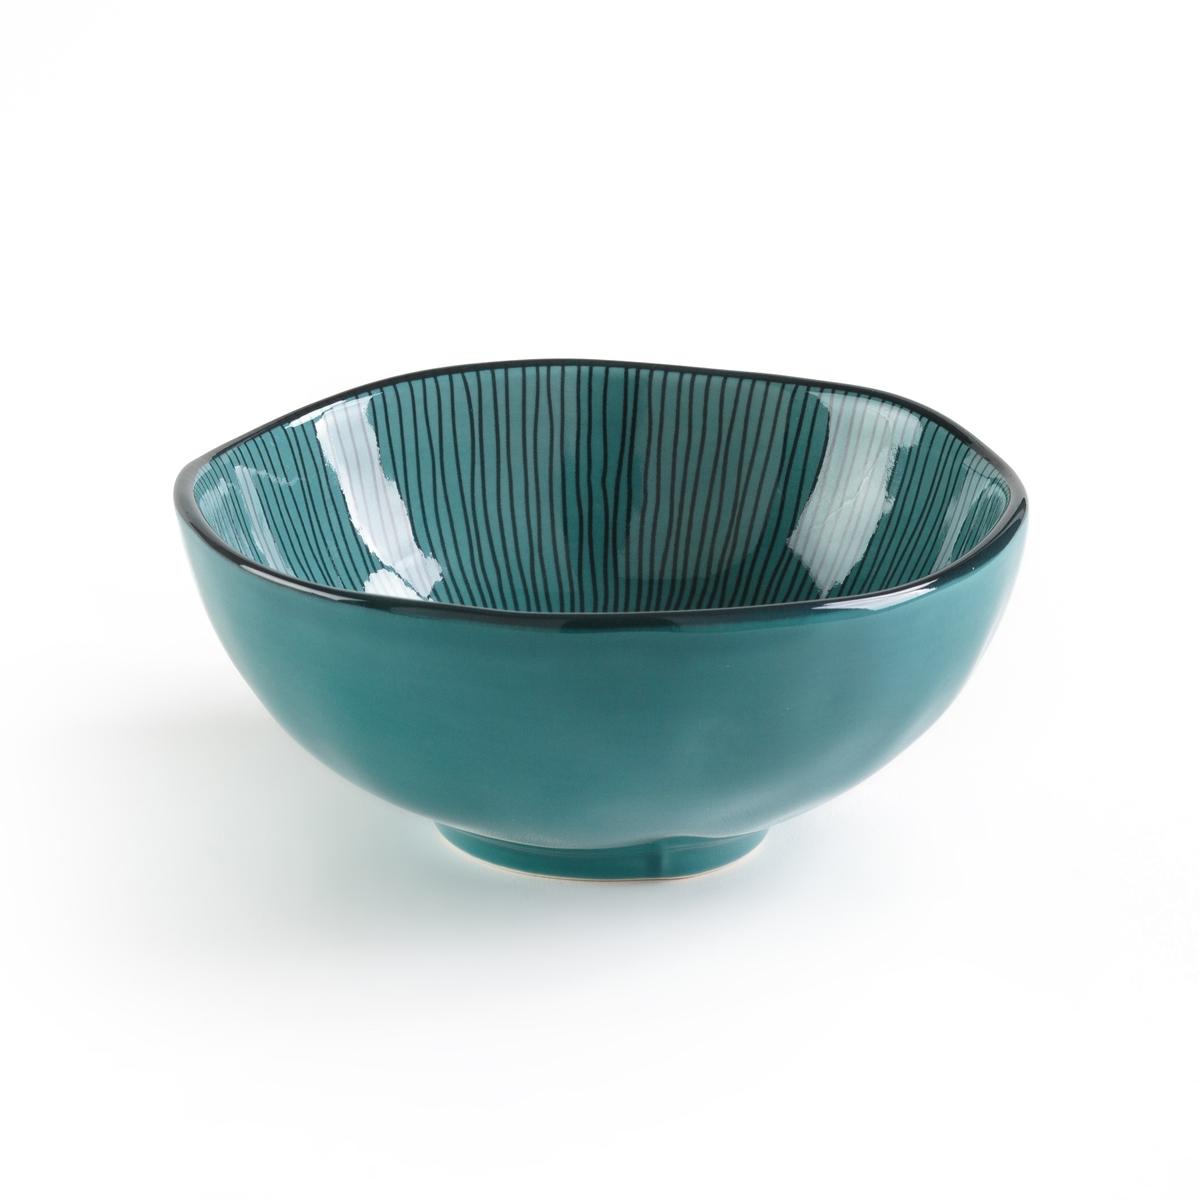 Чаша эмалированная двухцветная SOLJANE (4 шт.) чаша la rochere baikal комплект из 6 шт 620801